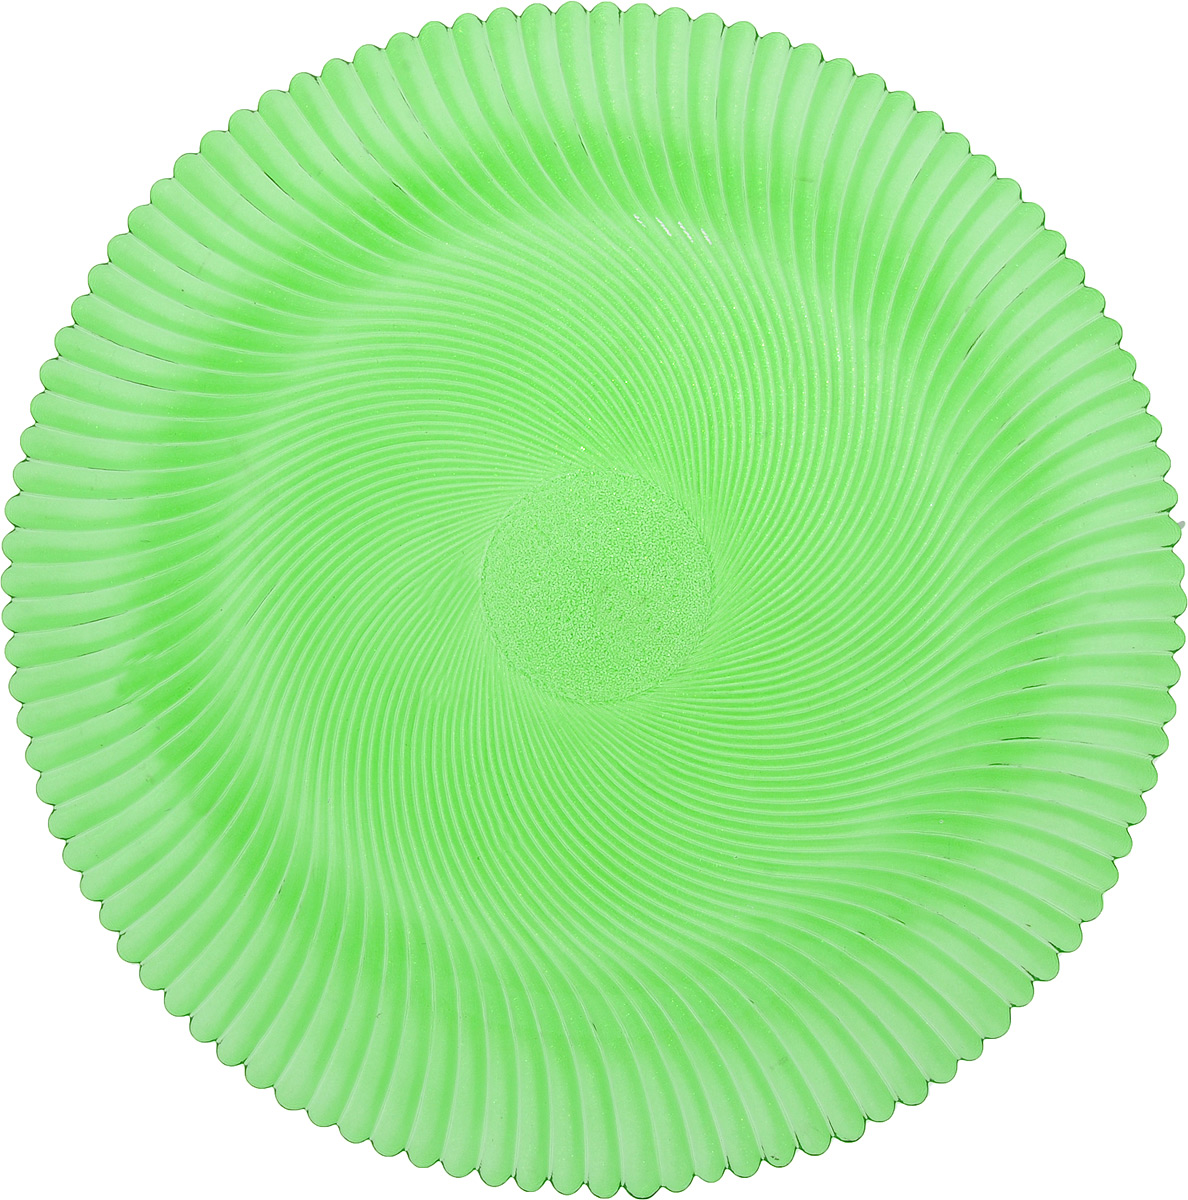 Блюдо NiNaGlass Альтера, цвет: зеленый, диаметр 32 см ваза ninaglass дана цвет шоколад высота 16 см